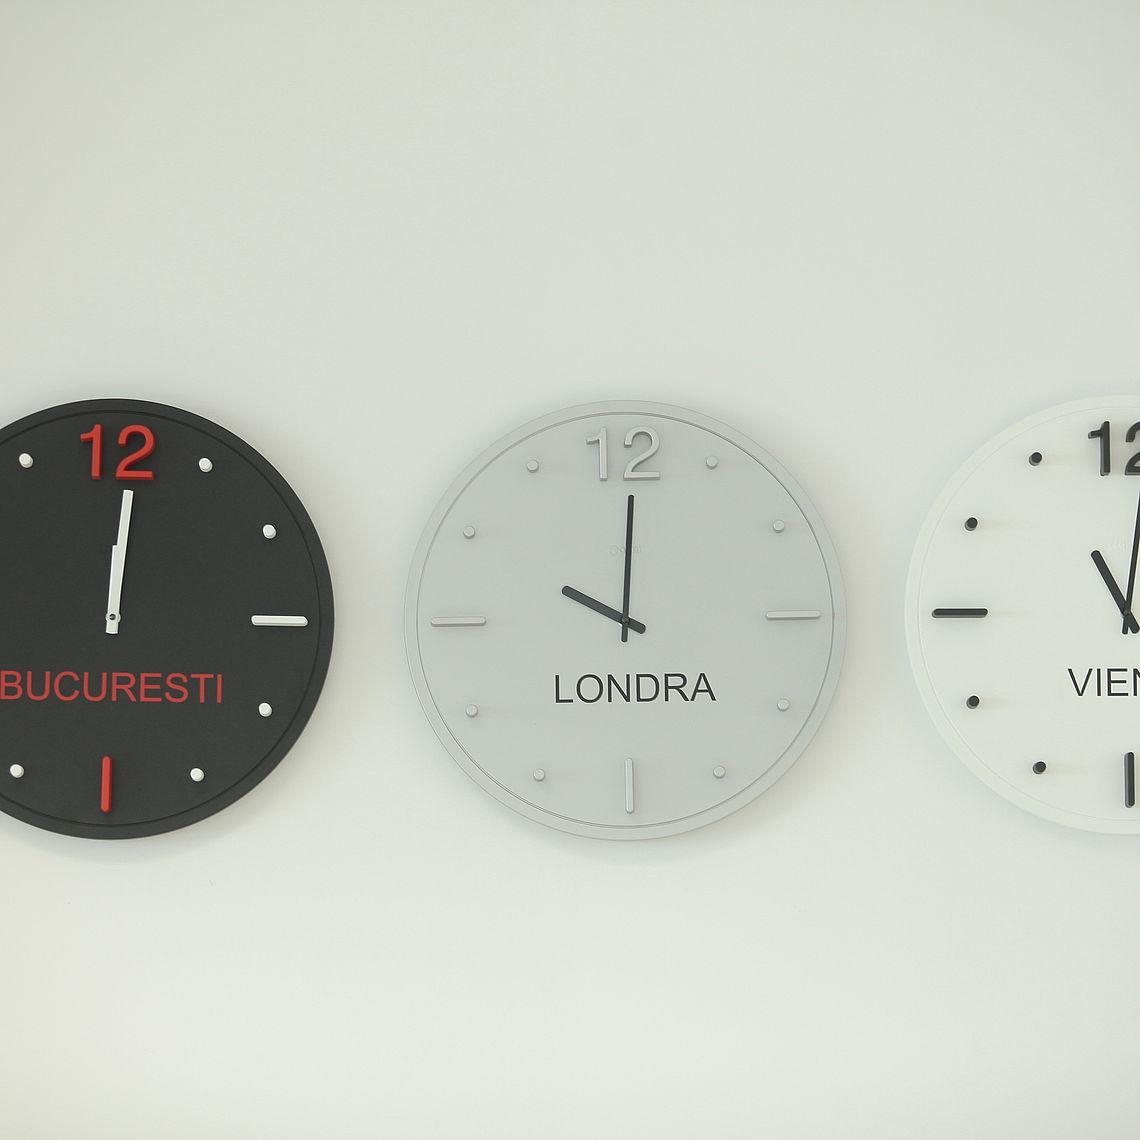 Drei Uhren mit Uhrzeiten aus Bukarest, London und Wien